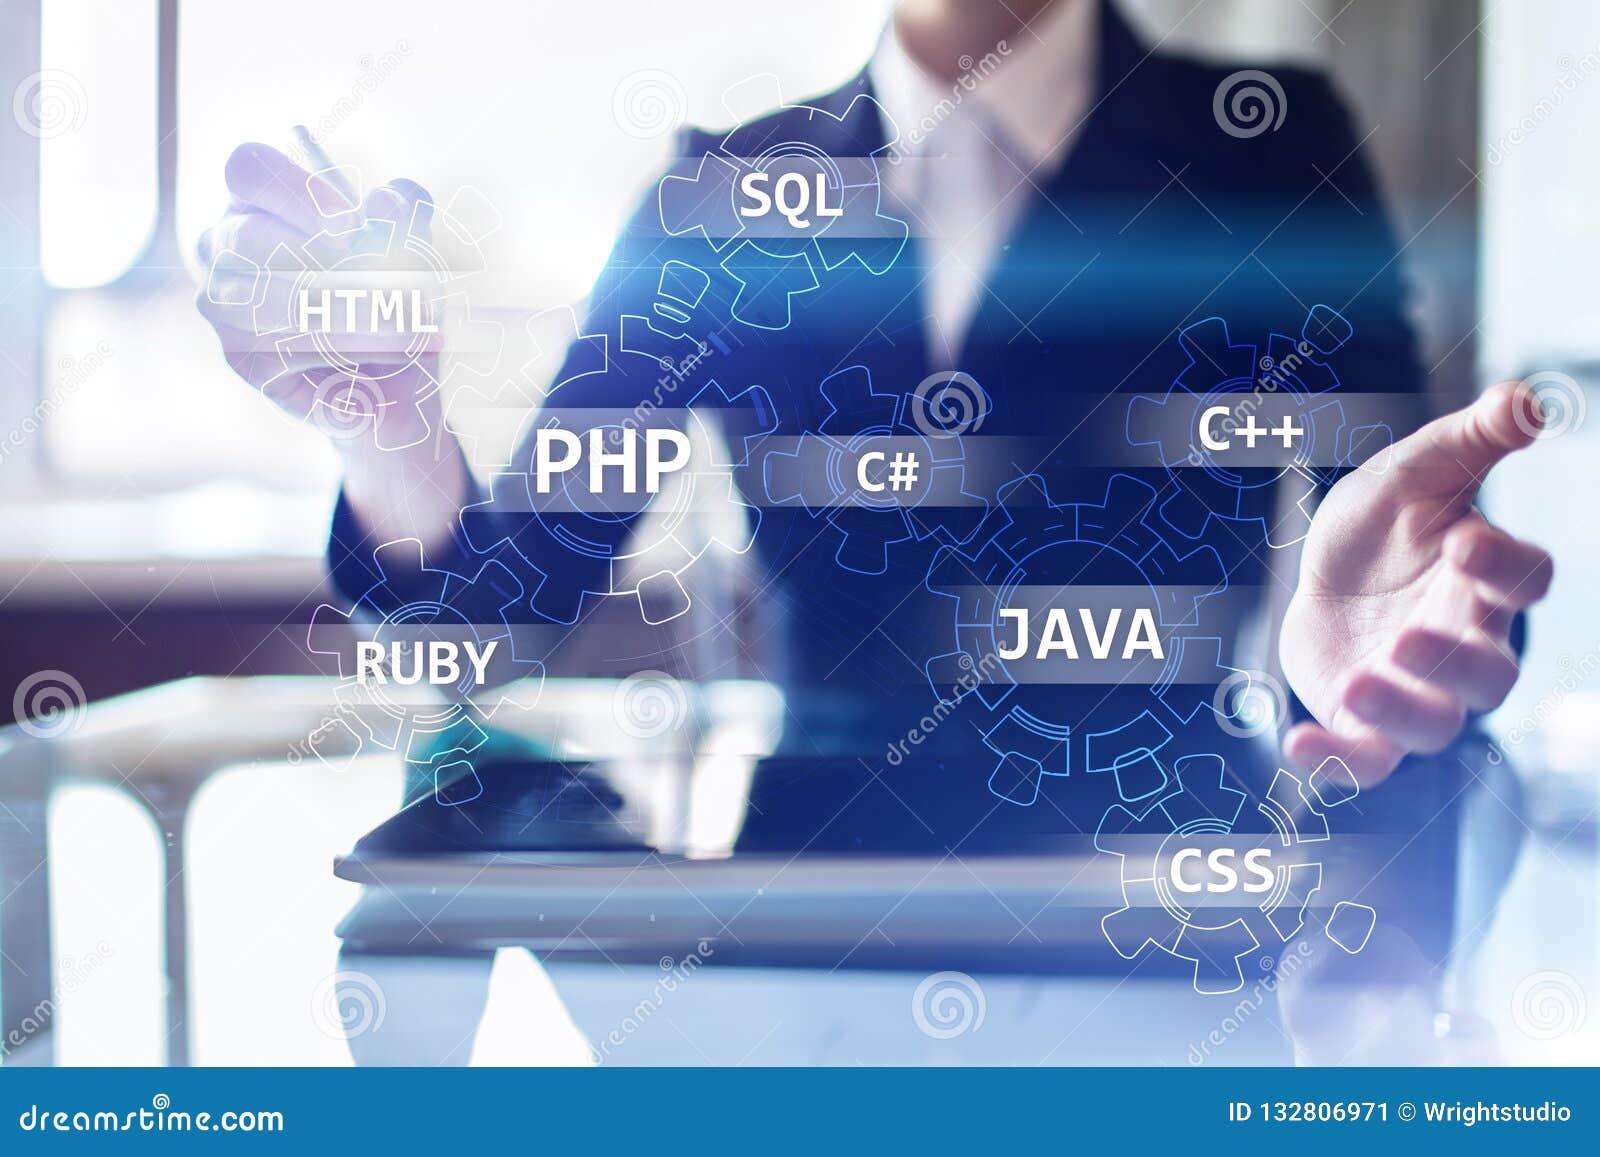 Concetto degli strumenti di sviluppo Web sullo schermo virtuale Linguaggio di programmazione e scritti PHP, SQL, HTML, Java ed al